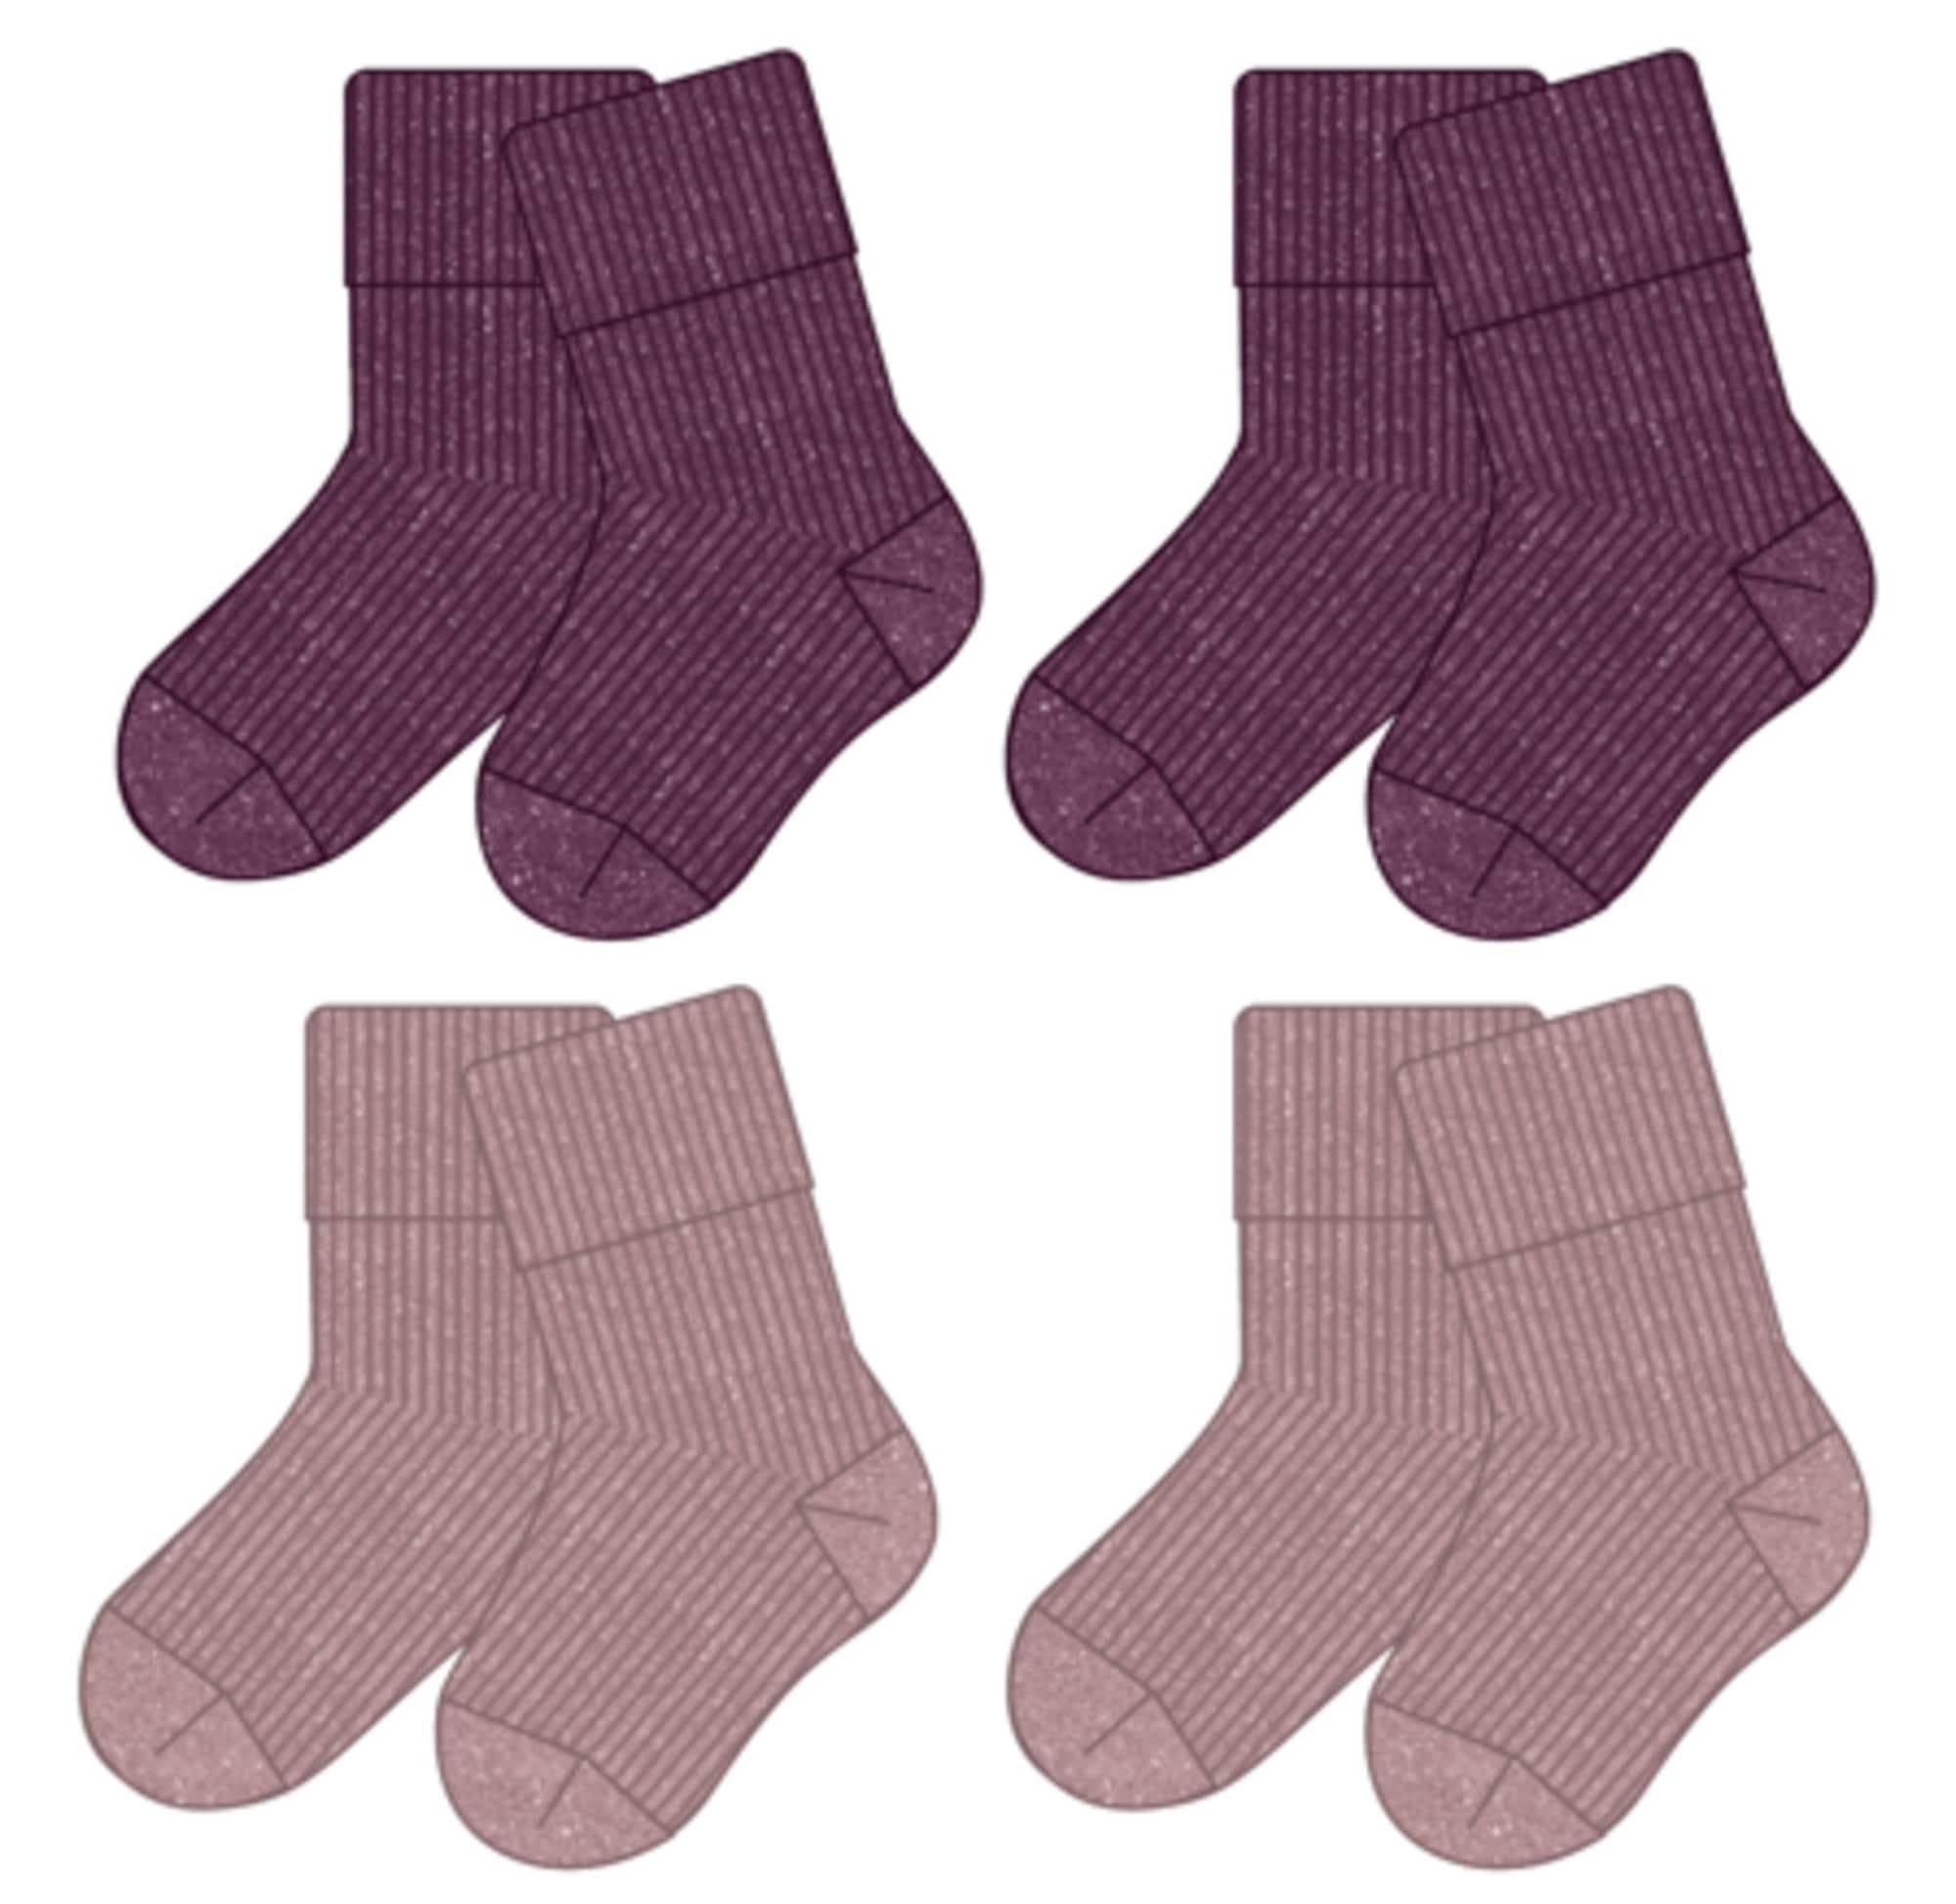 NAME IT Kojinės 'FROSIN' slyvų spalva / rausvai violetinė spalva